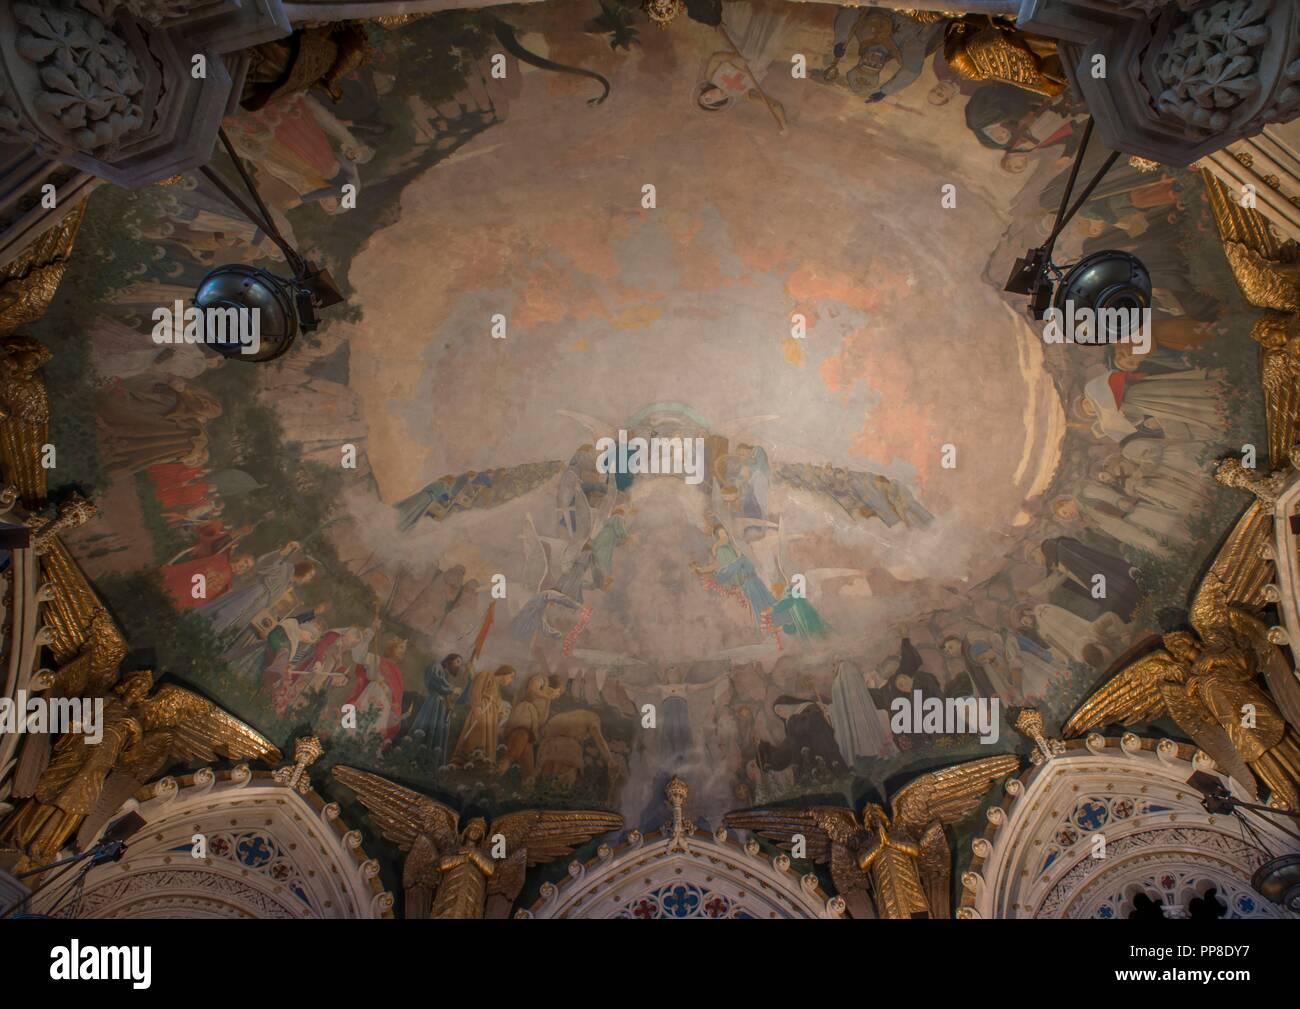 Apoteosis de la Virgen, 1896-1898. Pintura mural de la cúpula del cambril de la Virgen. Monasterio de Montserrat. Cataluña. Autor: Llimona, Joan. Foto de stock